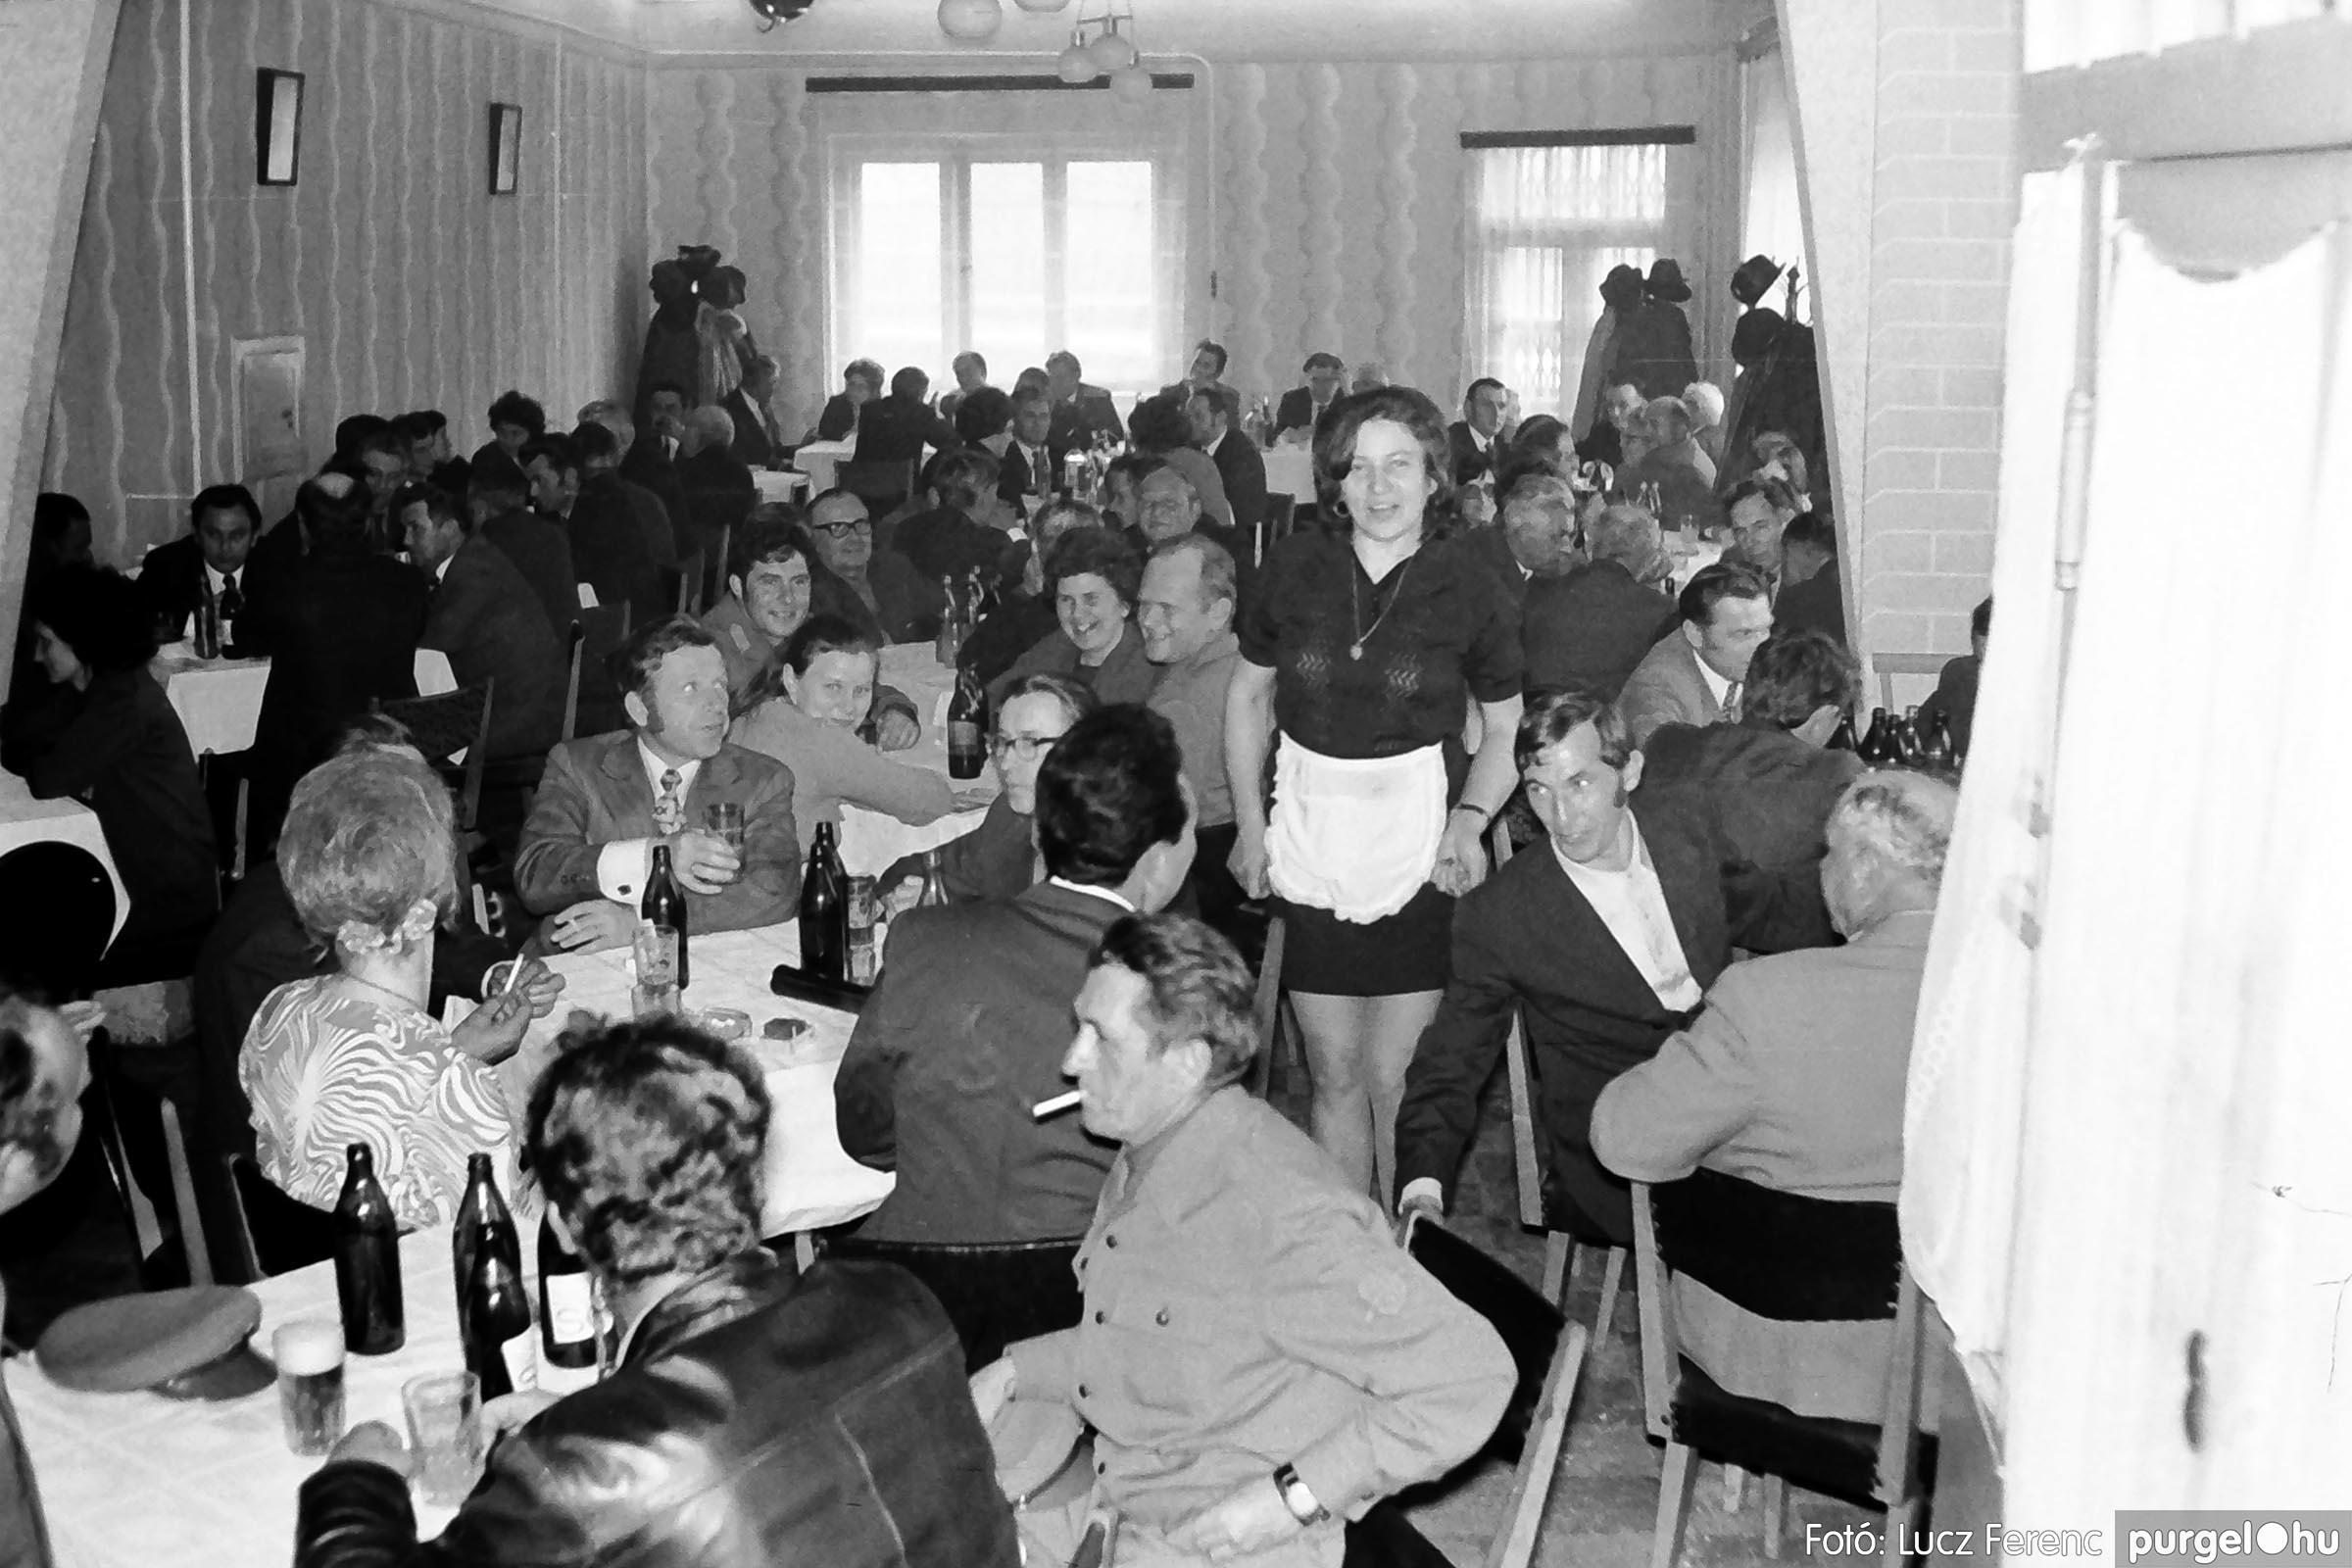 009 1975.04.04. Április 4-i ünnepség utáni fogadás a vendéglőben 009 - Fotó: Lucz Ferenc IMG00180q.jpg